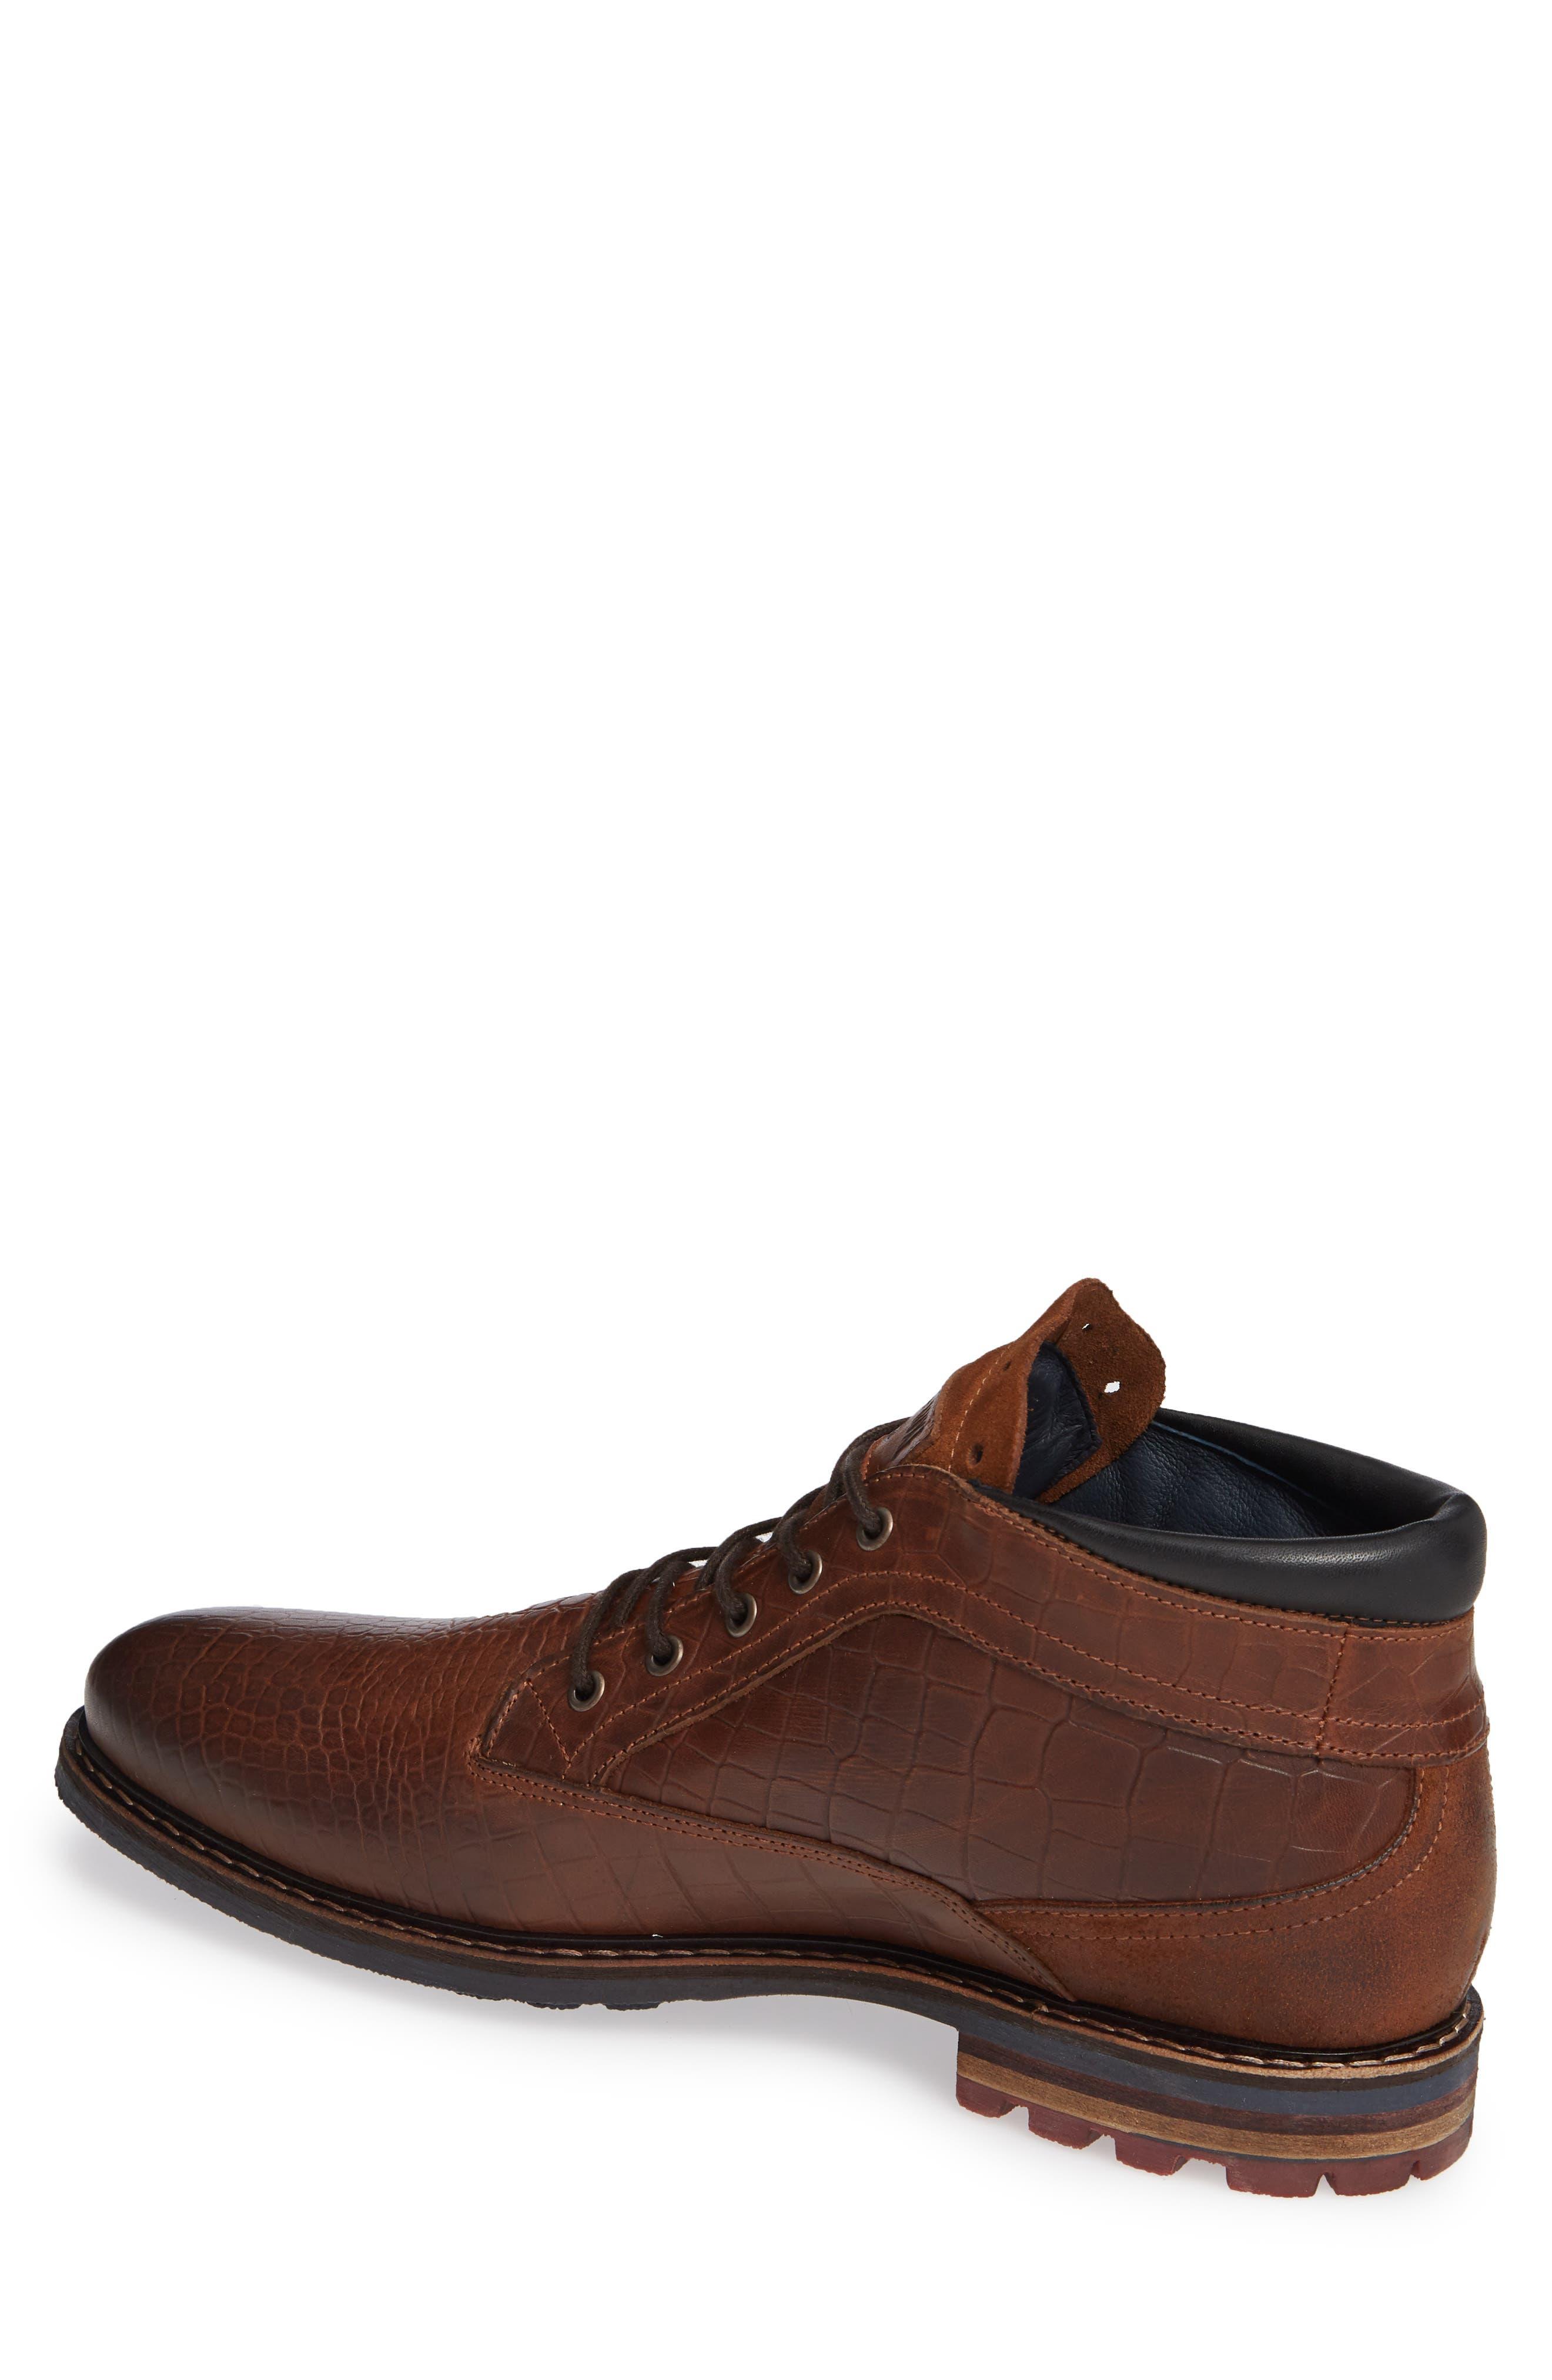 Manton Plain Toe Boot,                             Alternate thumbnail 2, color,                             COGNAC